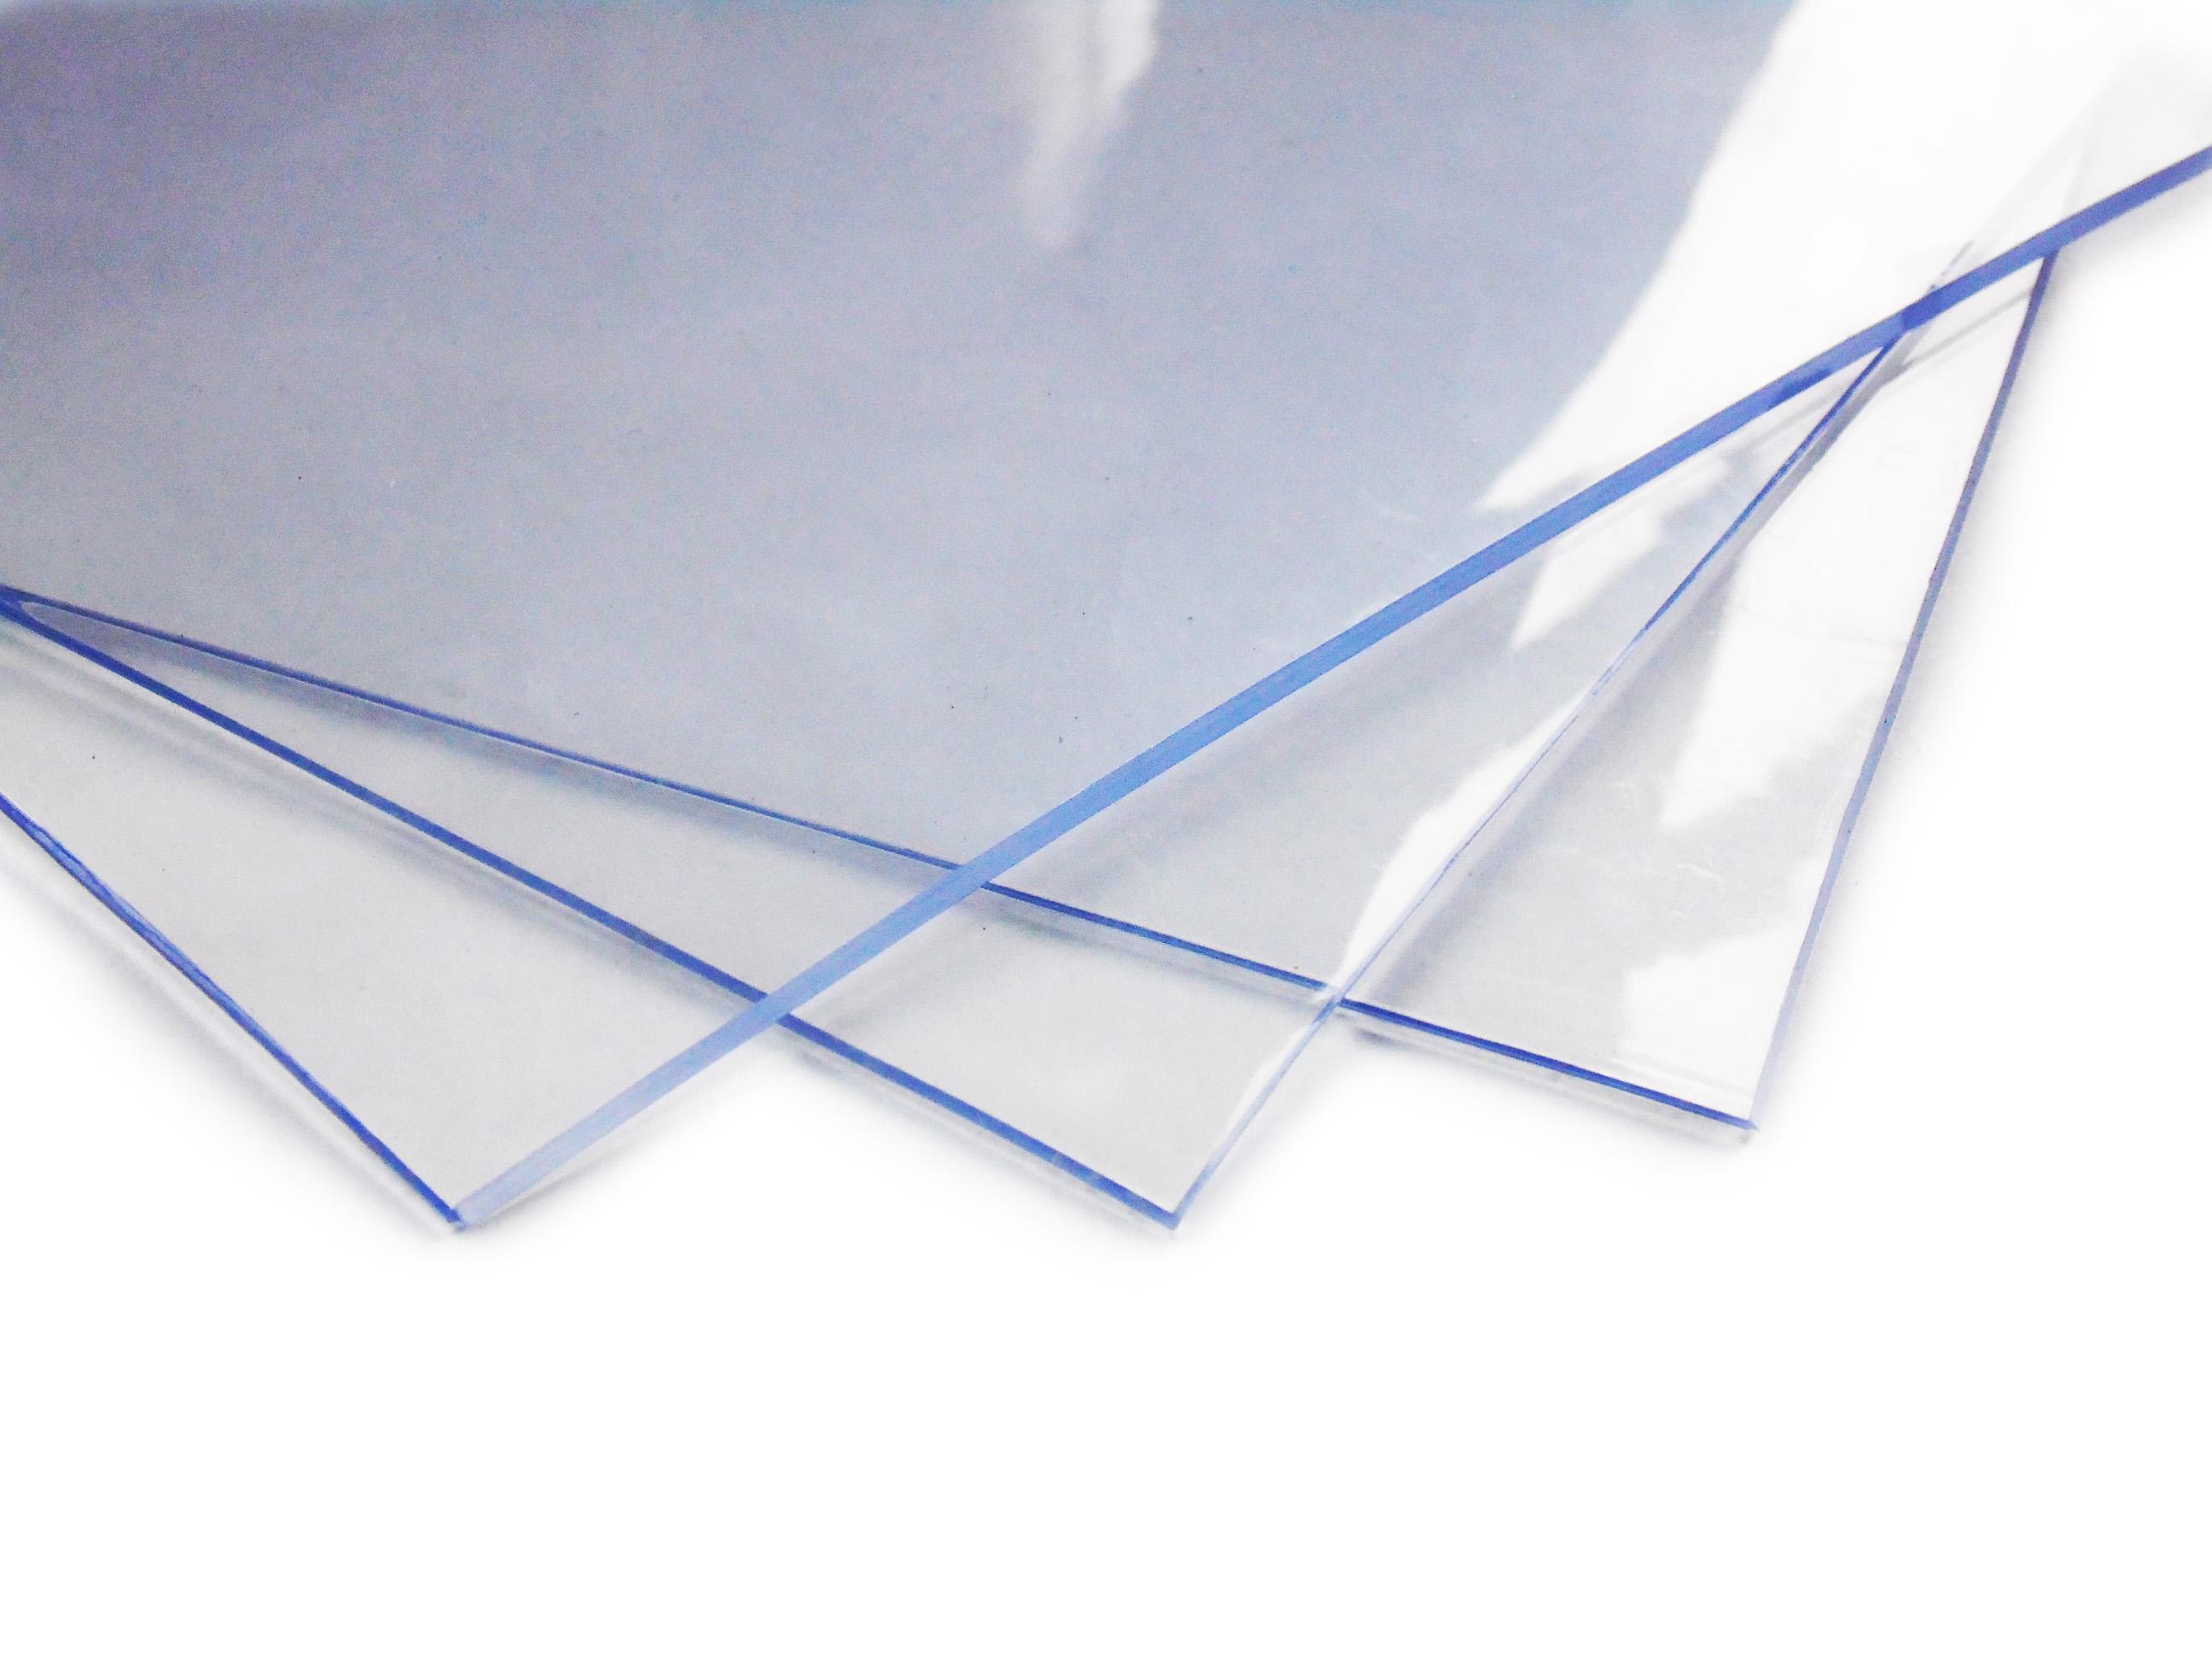 buer kg shop weich pvc platte 1200mm x 3mm 20 meter rolle transparent z b f pferdeanh nger. Black Bedroom Furniture Sets. Home Design Ideas